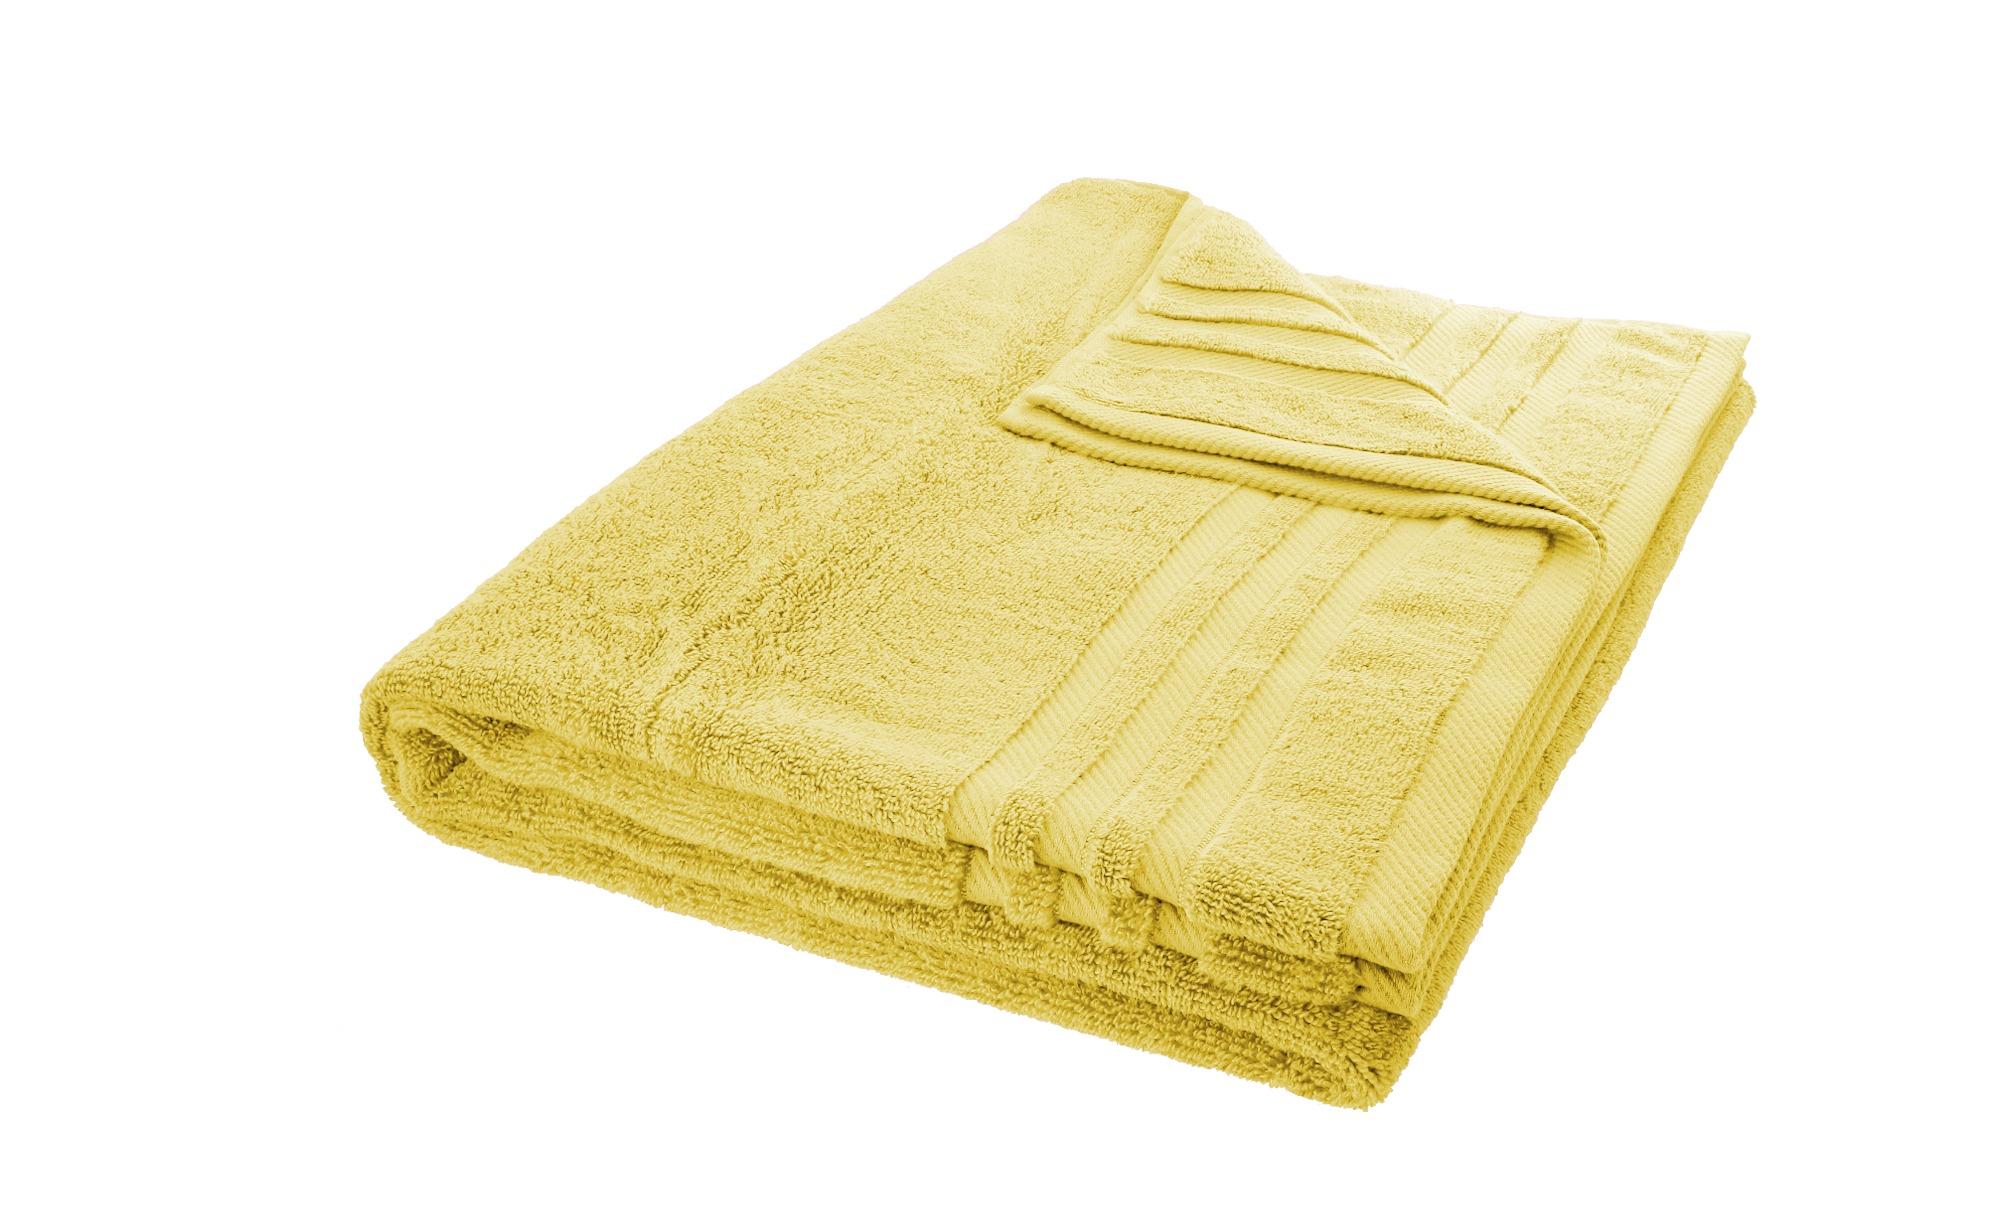 LAVIDA Badetuch  Soft Cotton ¦ gelb ¦ reine Micro-Baumwolle ¦ Maße (cm): B: 100 Badtextilien und Zubehör > Handtücher & Badetücher > Badetücher & Saunatücher - Höffner